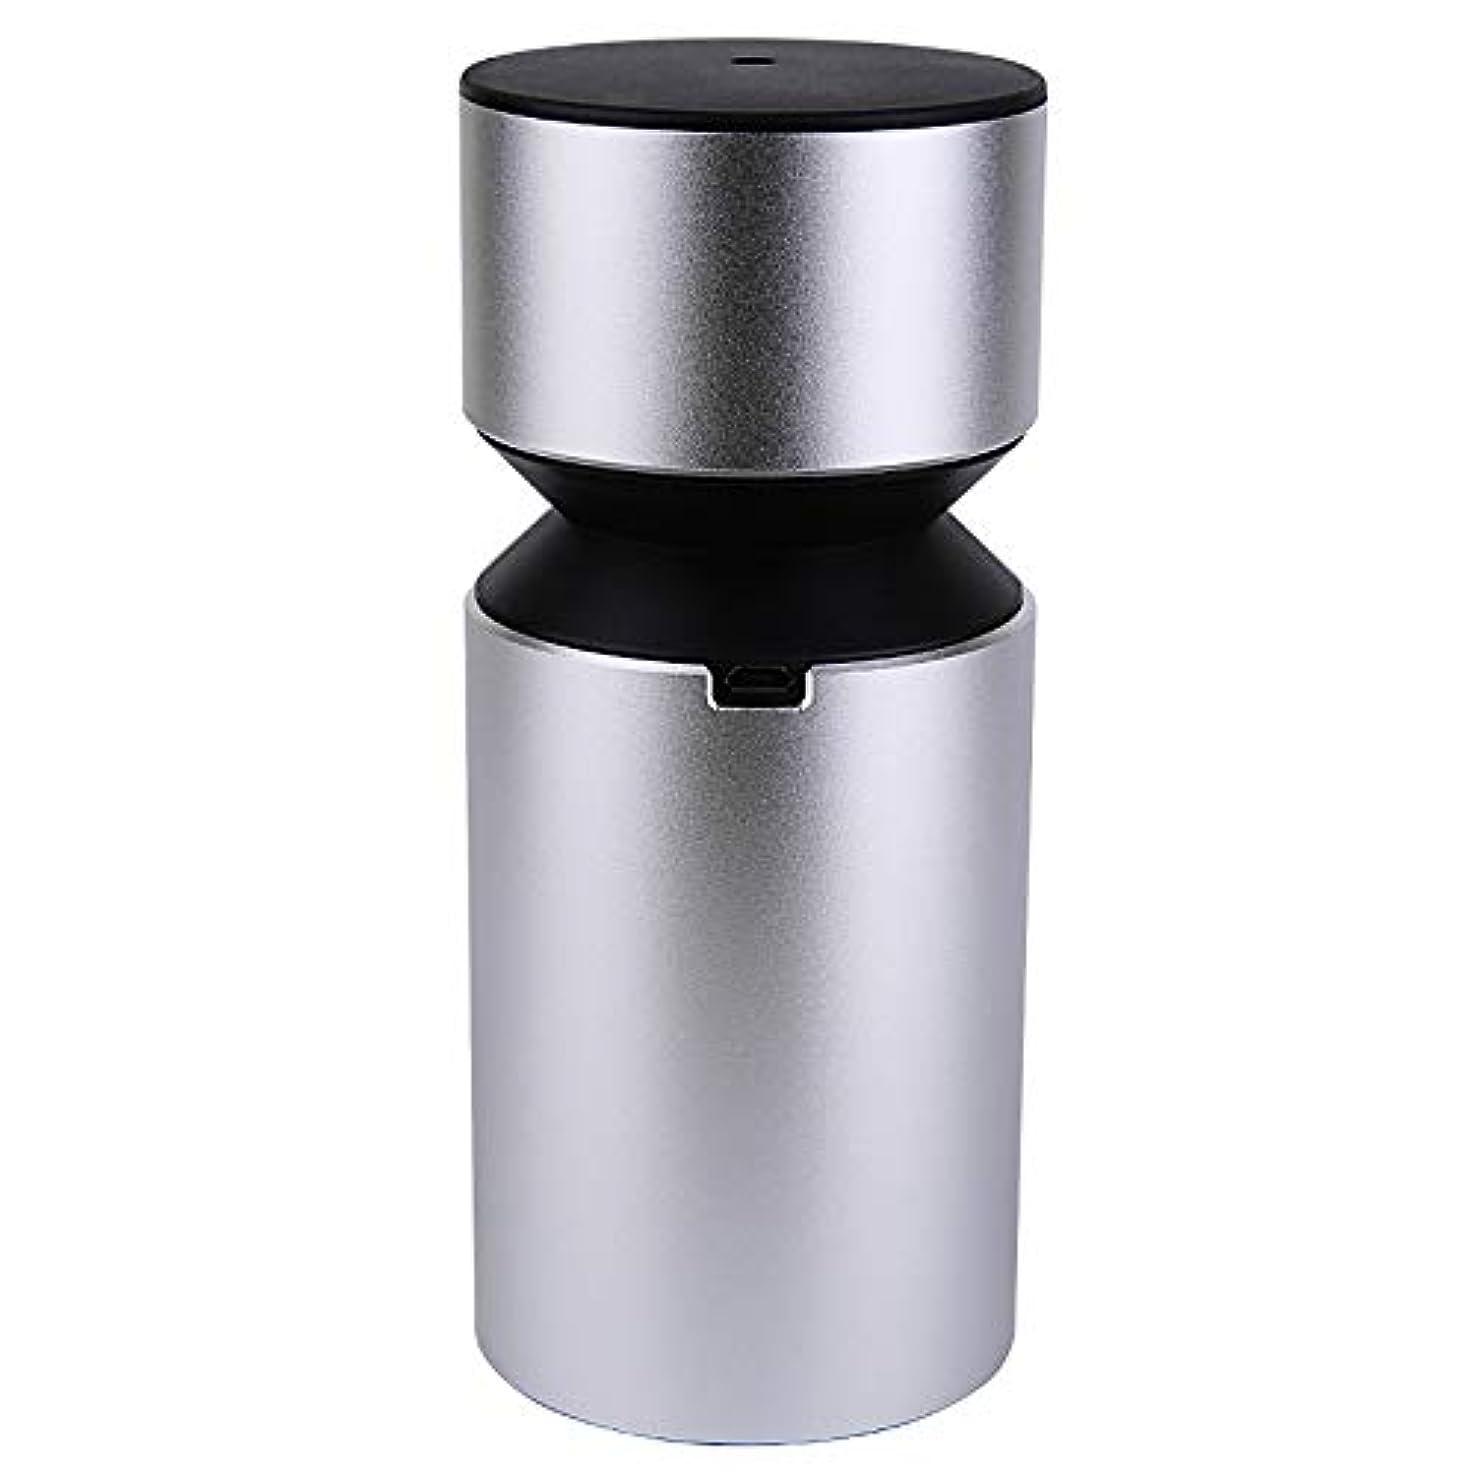 航空会社体細胞リベラルアロマディフューザー 車載用 ネブライザー式 充電式 静音 精油瓶1個スポイト付きT11-ENS068N (シルバー)